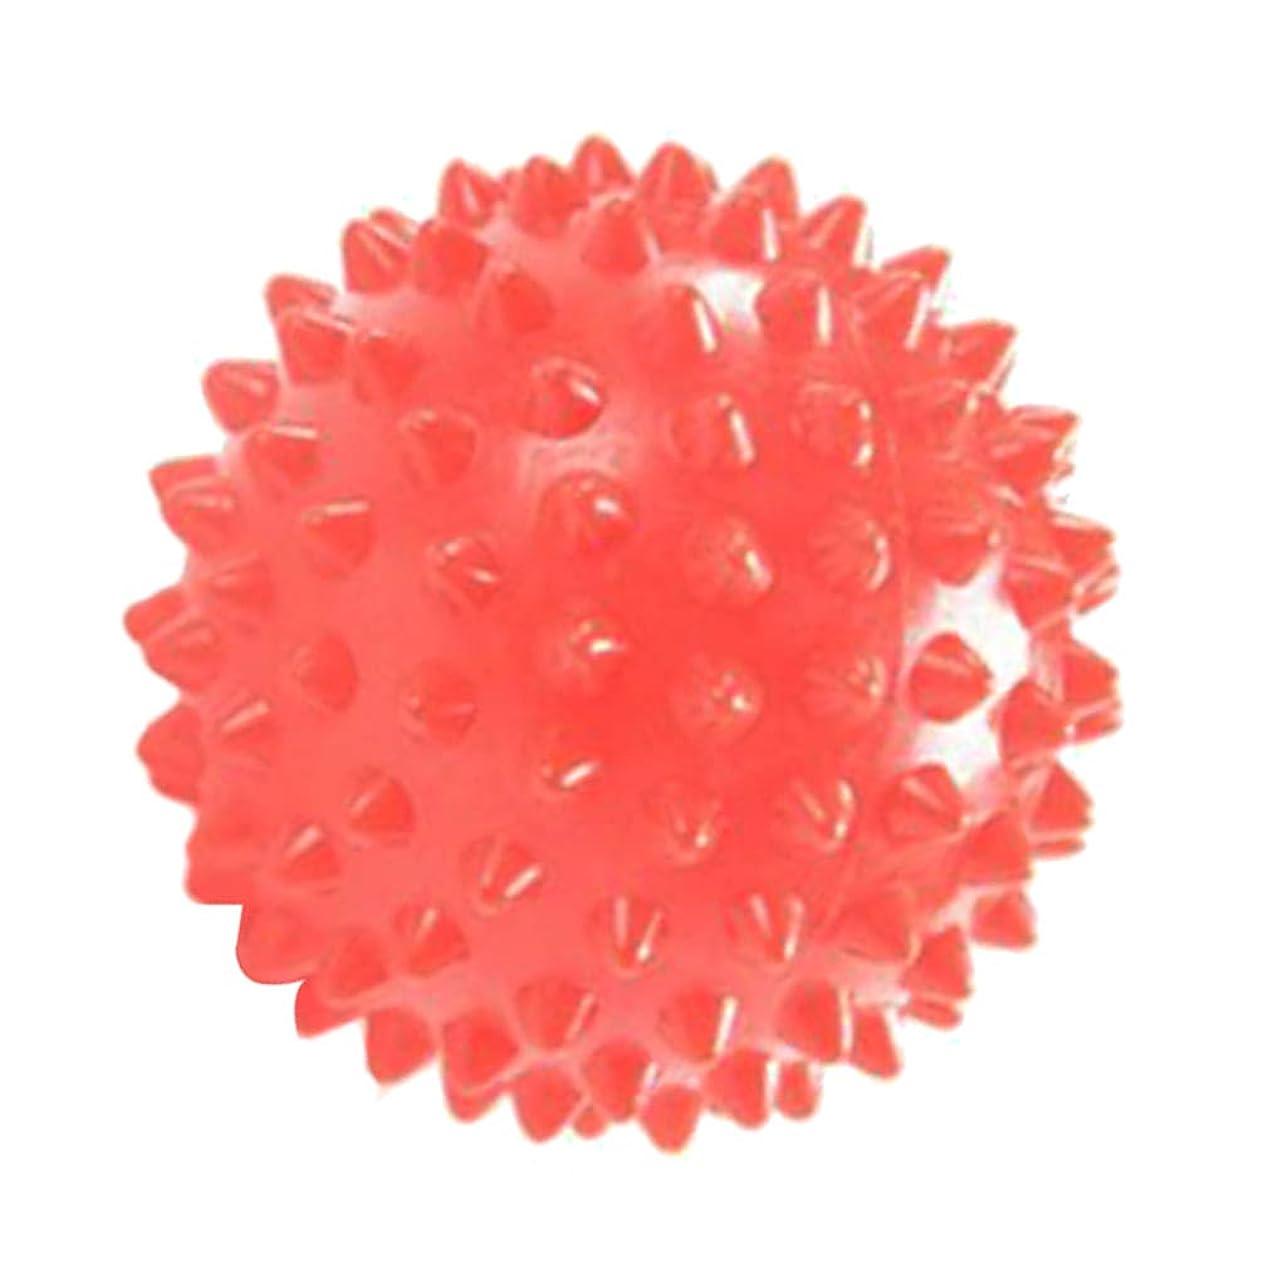 回る法廷保育園chiwanji 指圧ボール 触覚ボール マッサージローラー ローラーボール 軽量 持ち運び便利 補助ツール